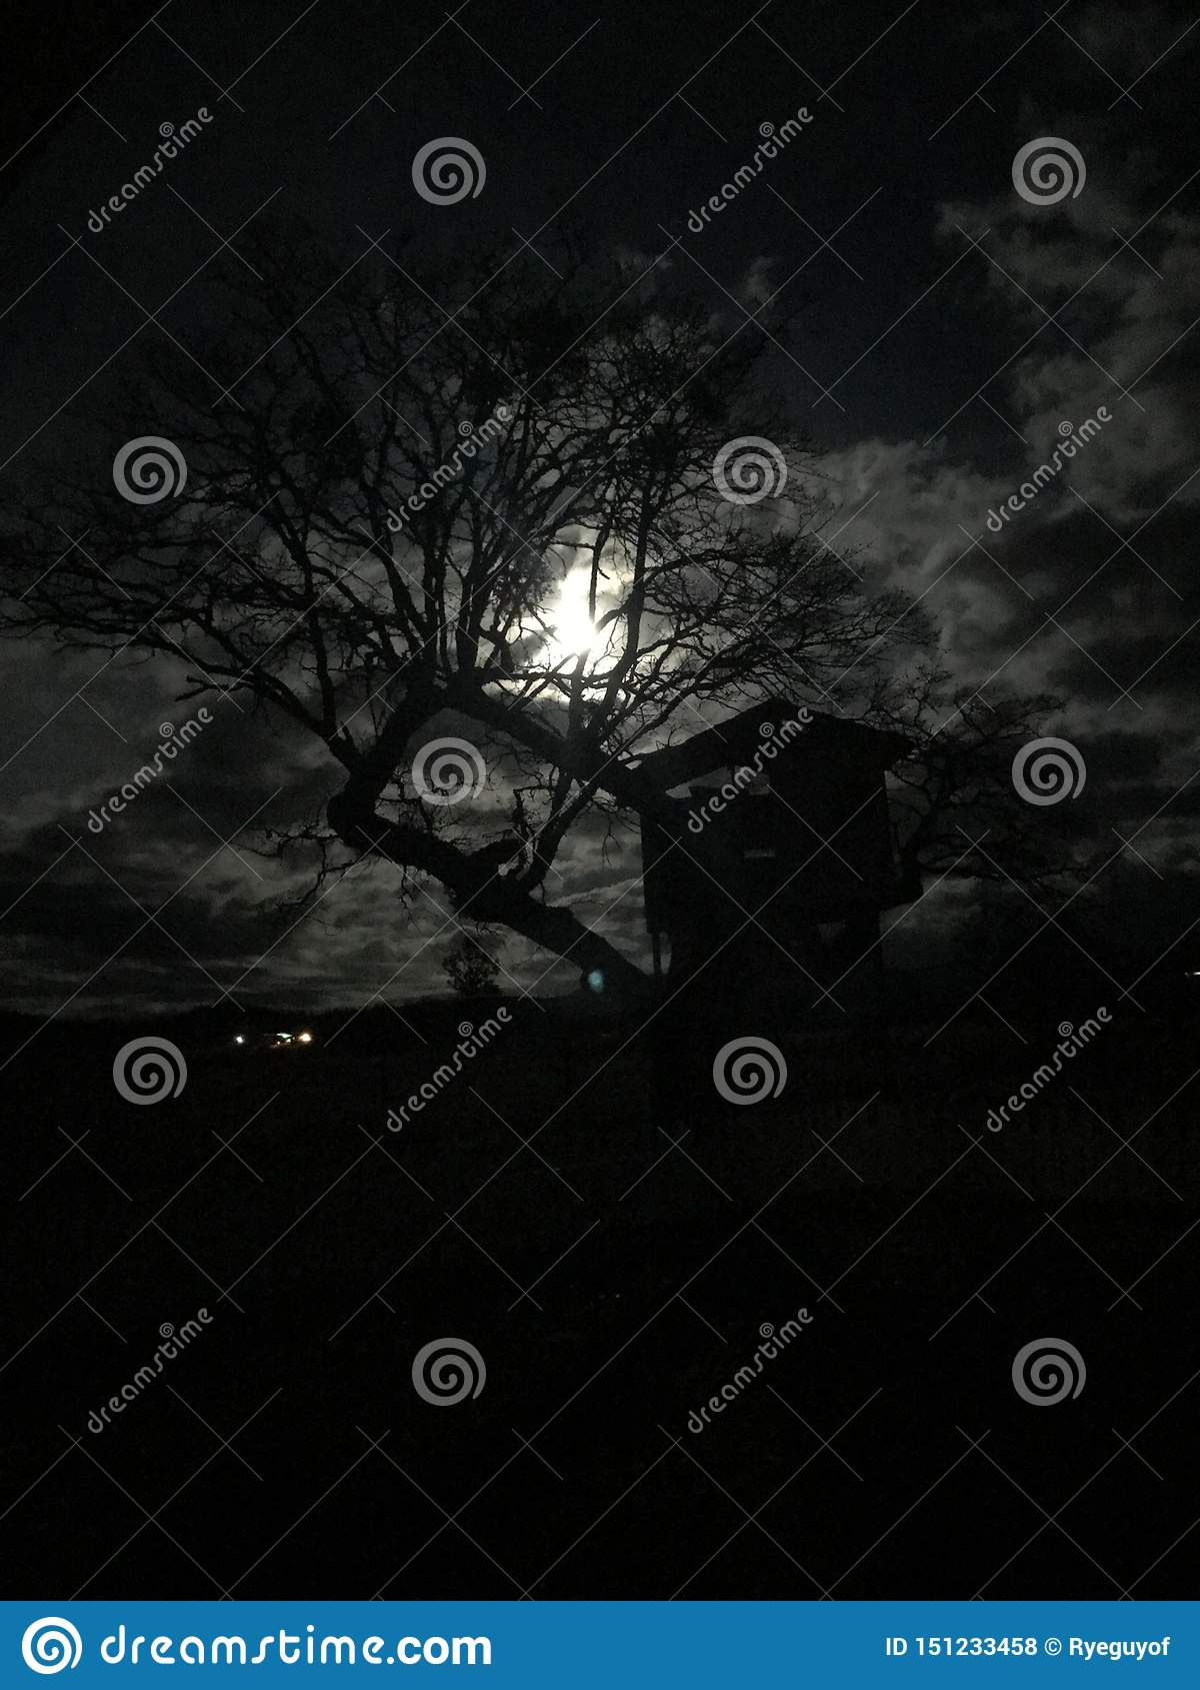 Licht des Vollmonds späht durch barem blattlosen Baum im Herbst, der ein gespenstisches scence schafft